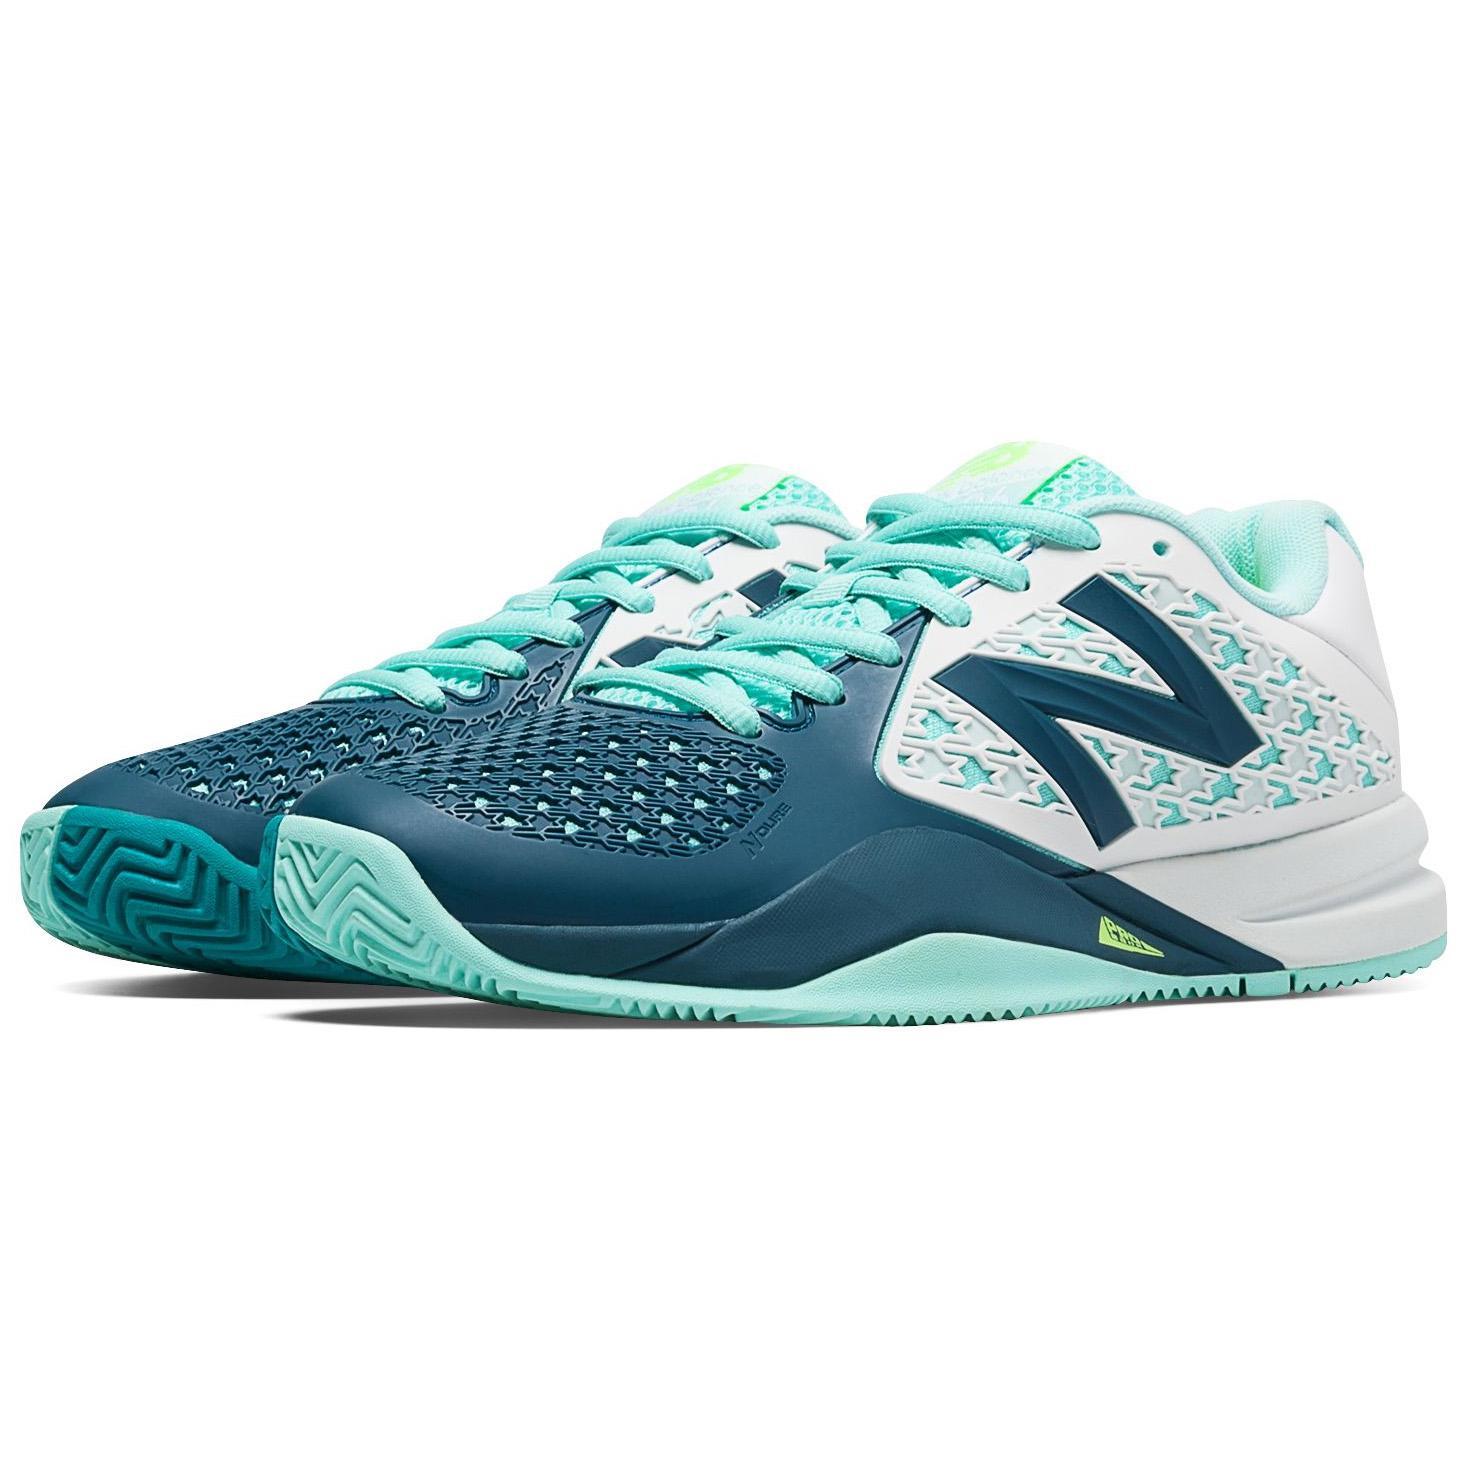 New Balance Womens 996v2 Tennis Shoes - Sea Blue (B)